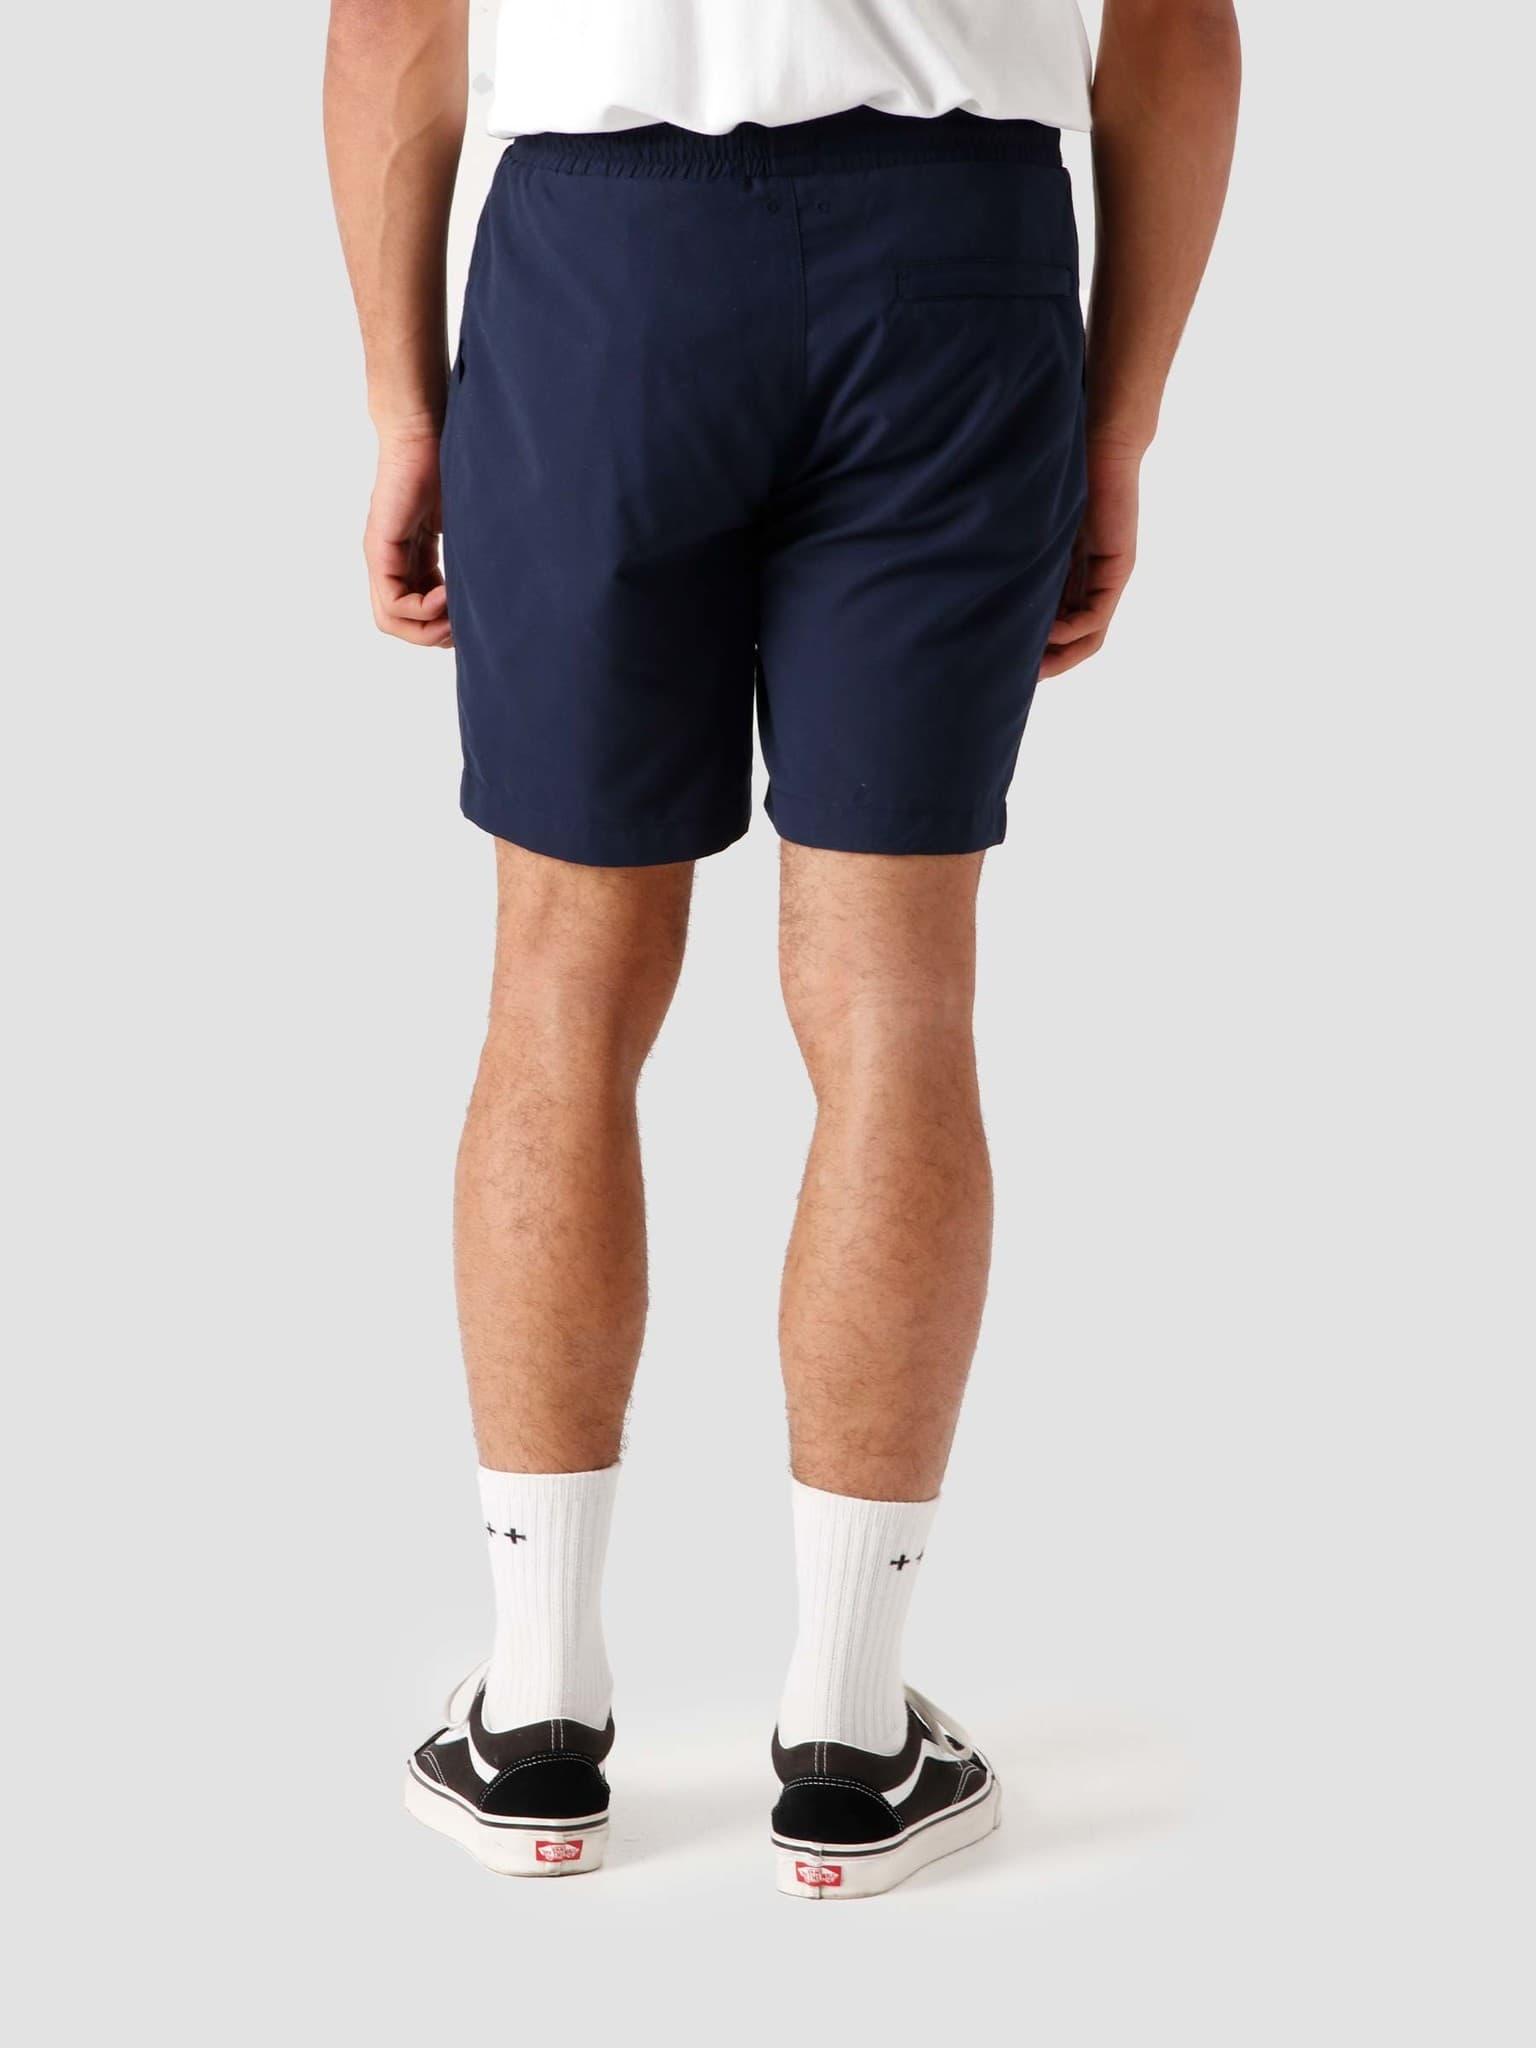 QB35 Technical Shorts Navy